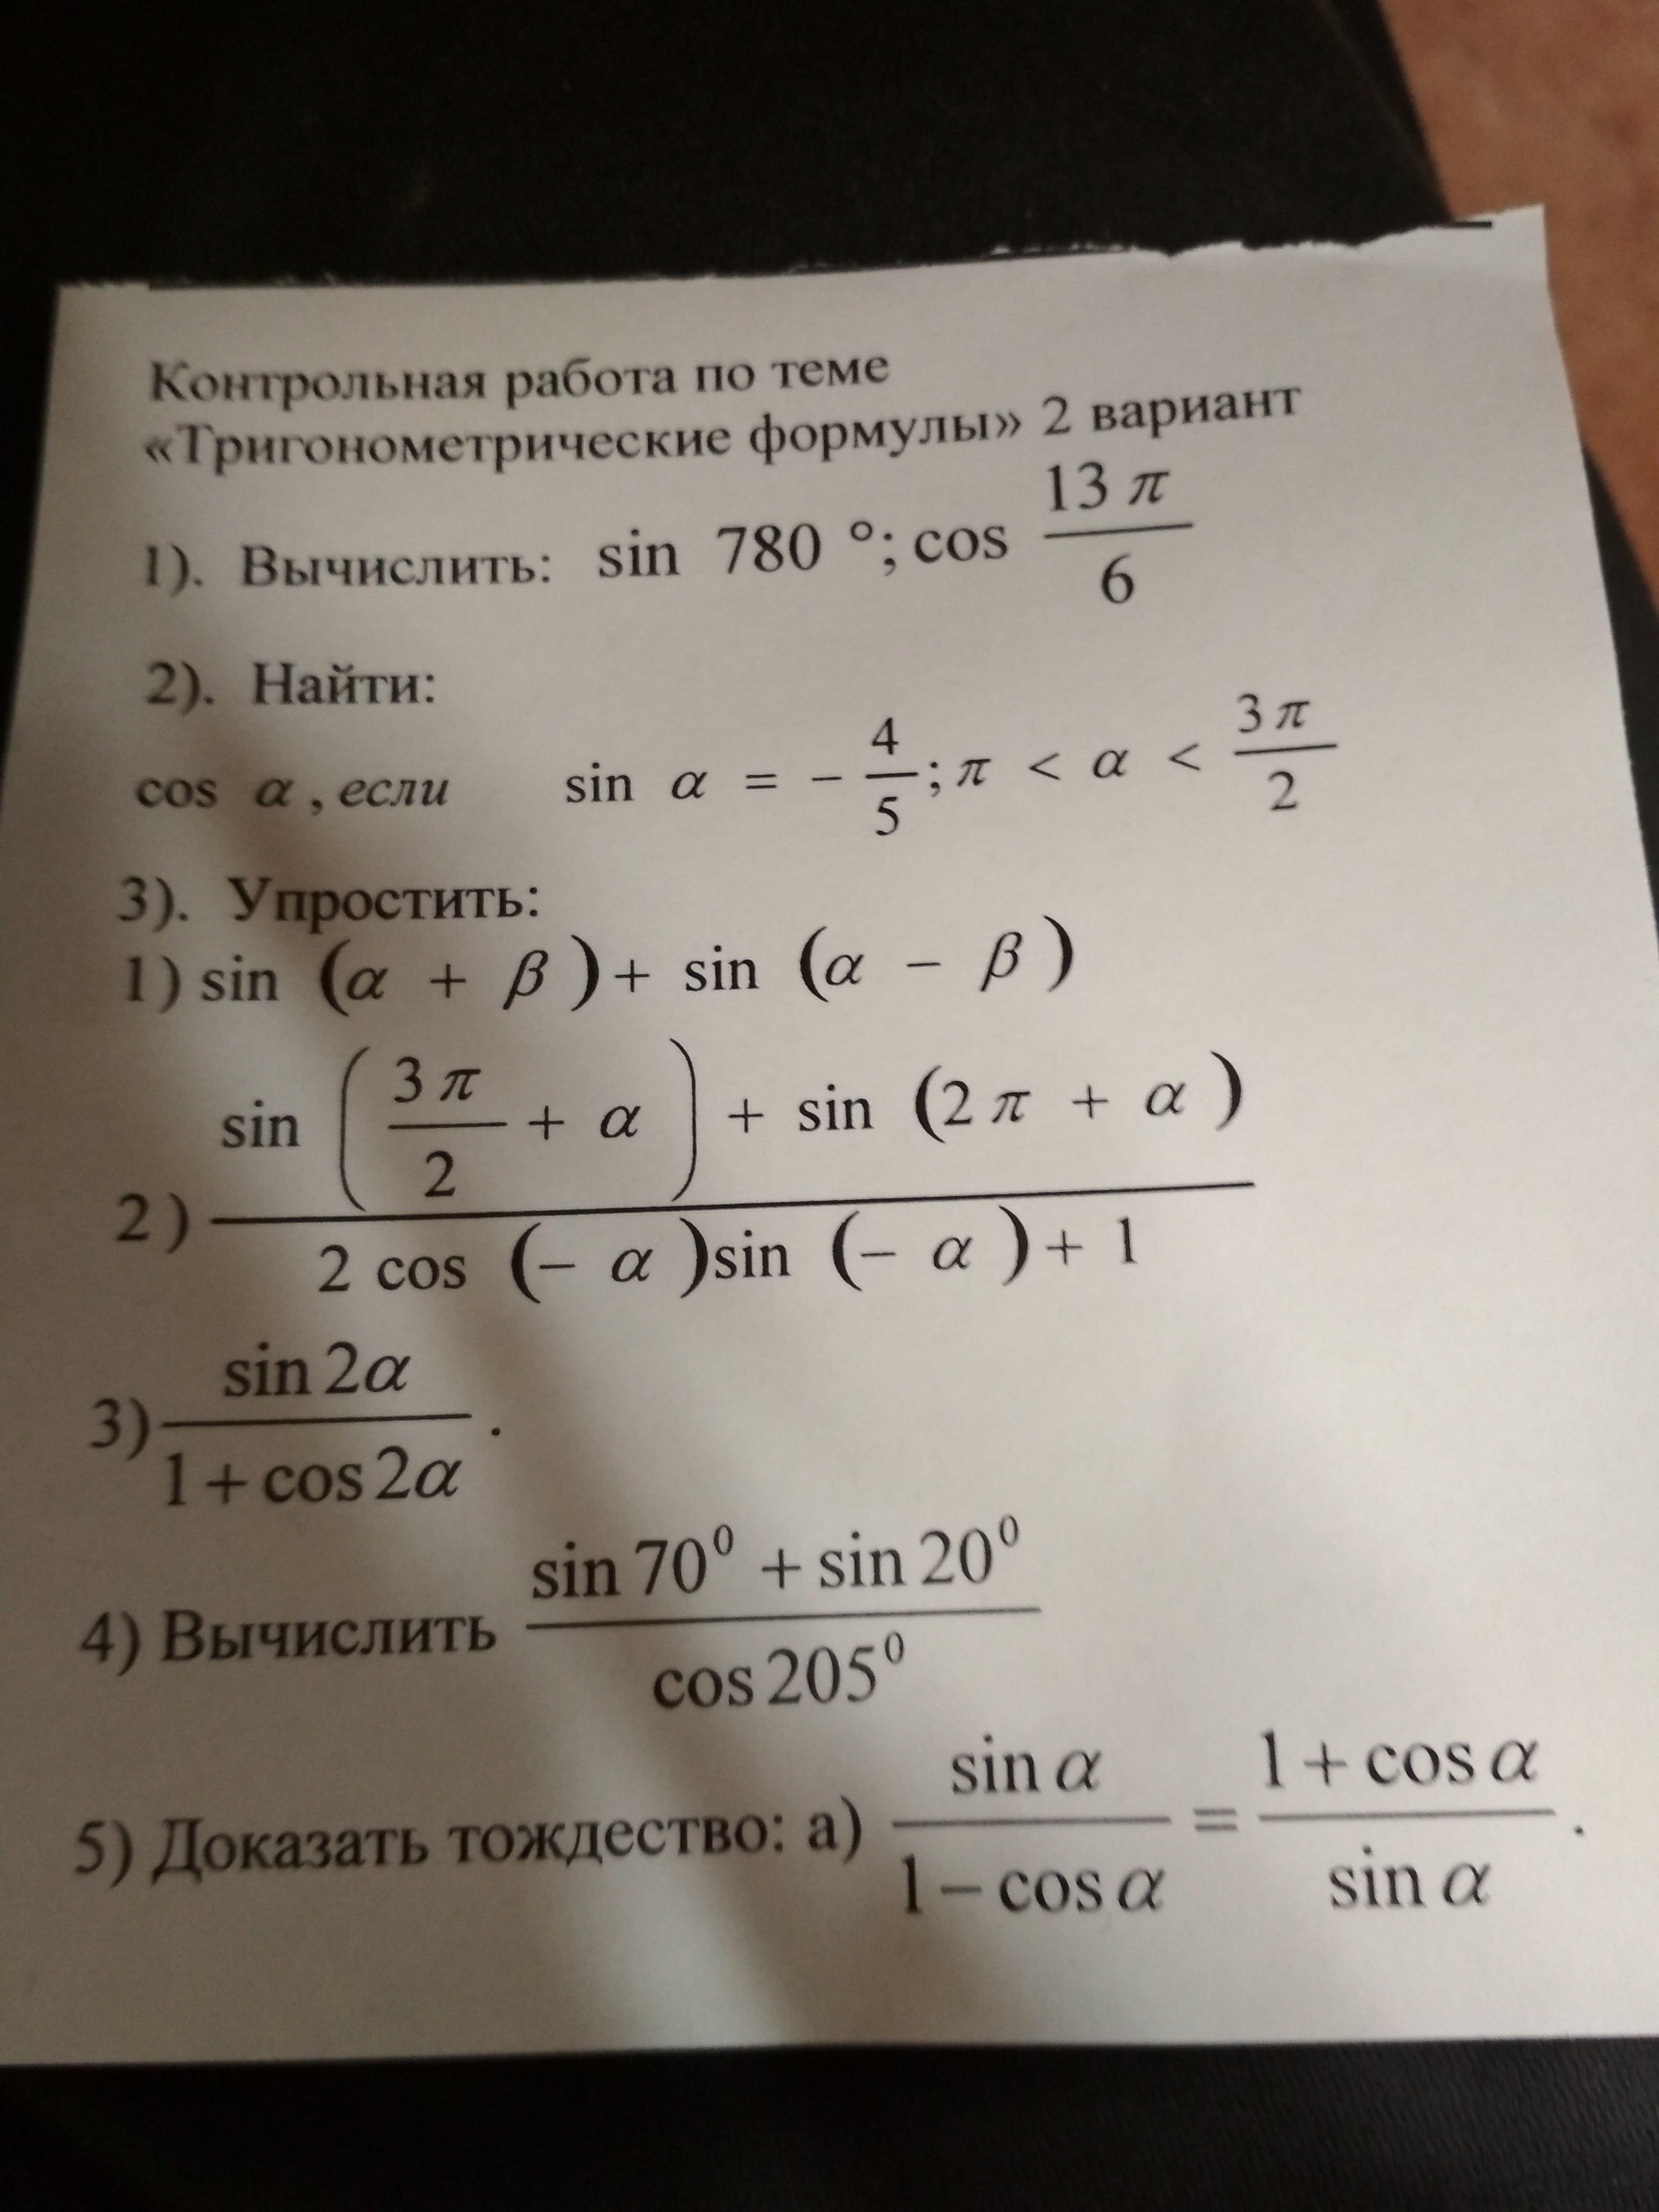 Помогите решить задачу по алгебре 10 класс примеры решения задач по инженерной